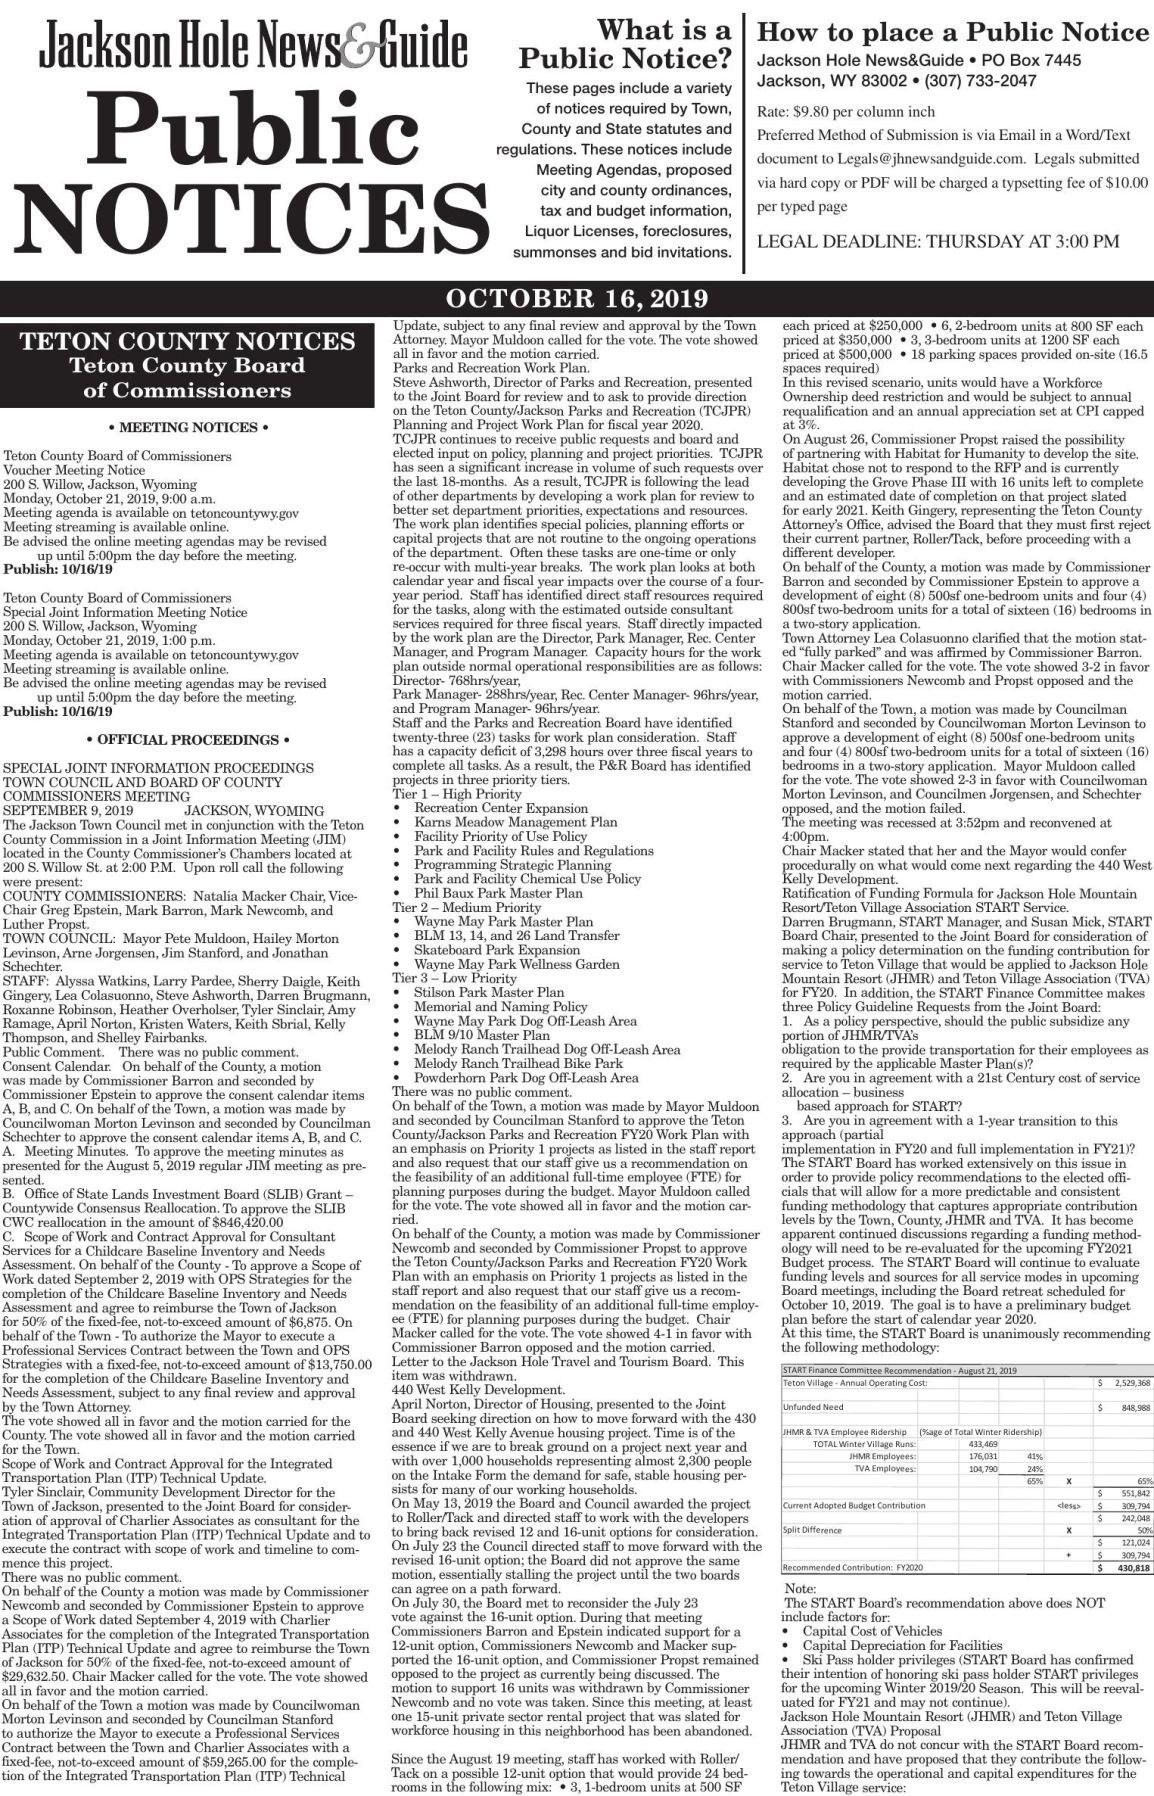 Public Notices, October 16, 2019